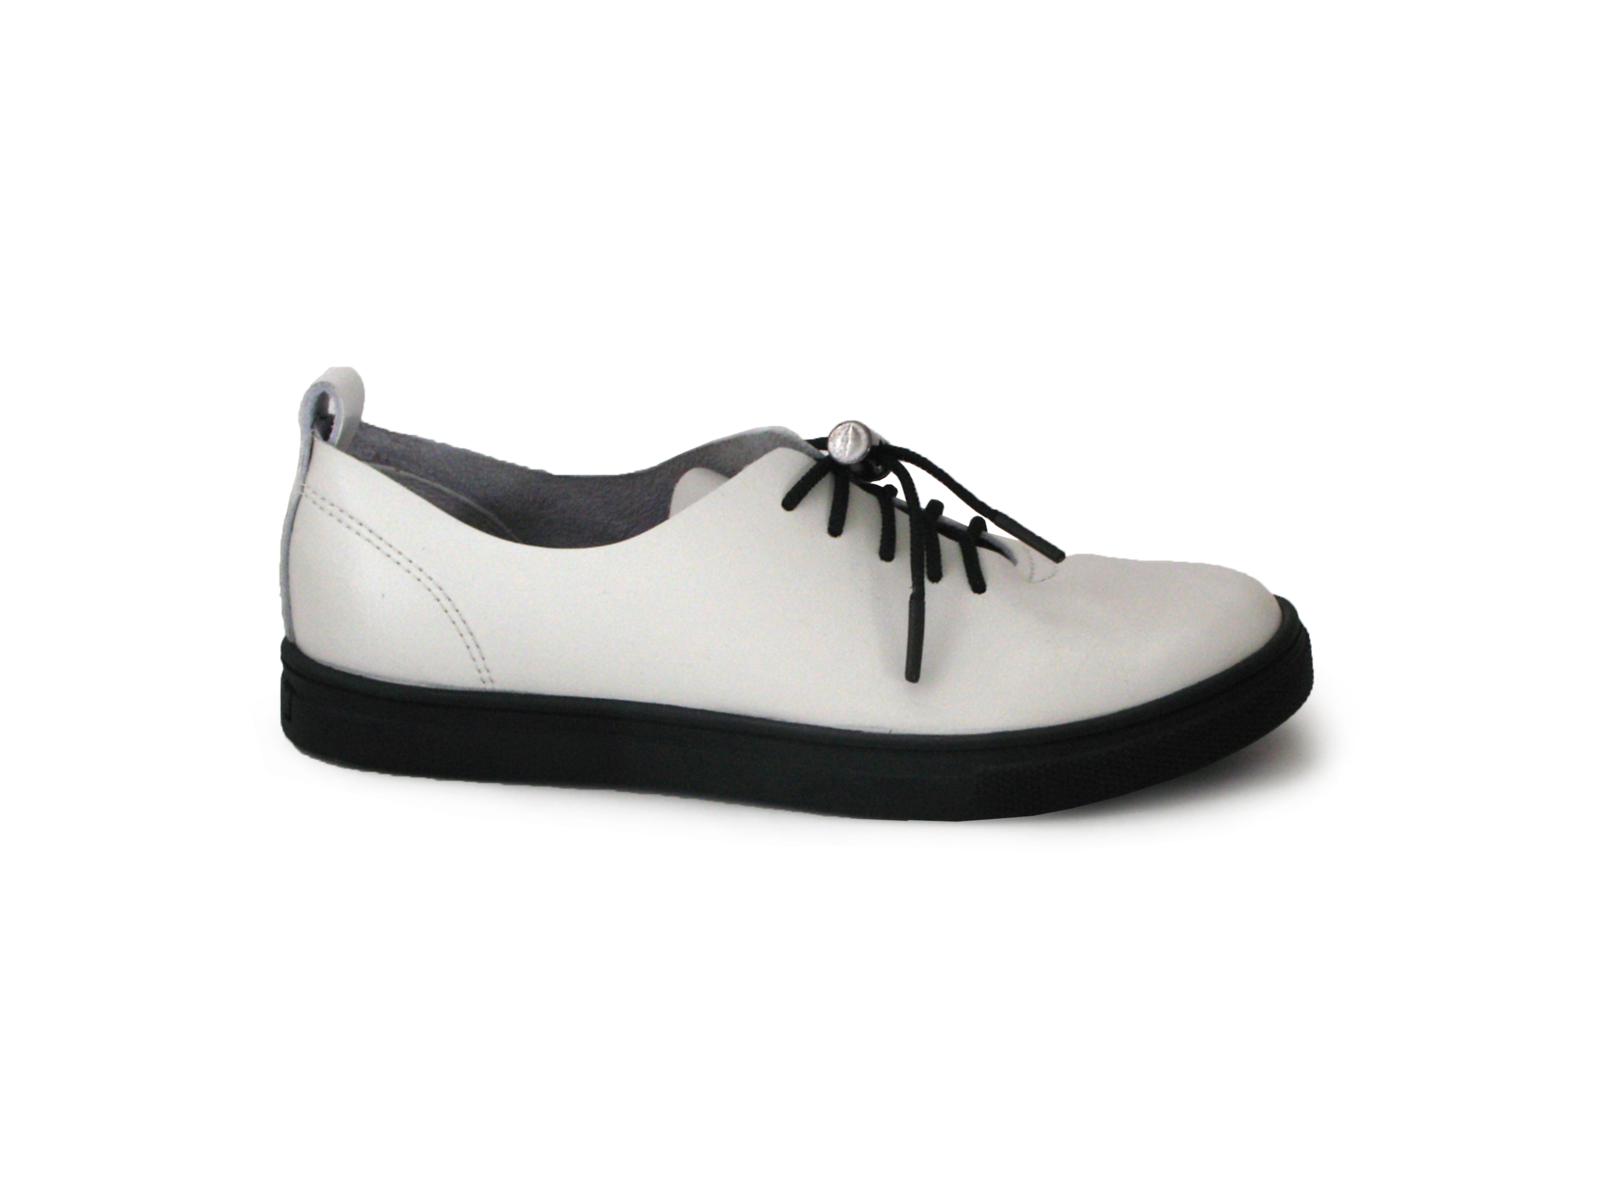 da518844d5d587 Туфлі шкіряні Giorgio Vito купити у роздріб ціна, купити. Туфлі ...